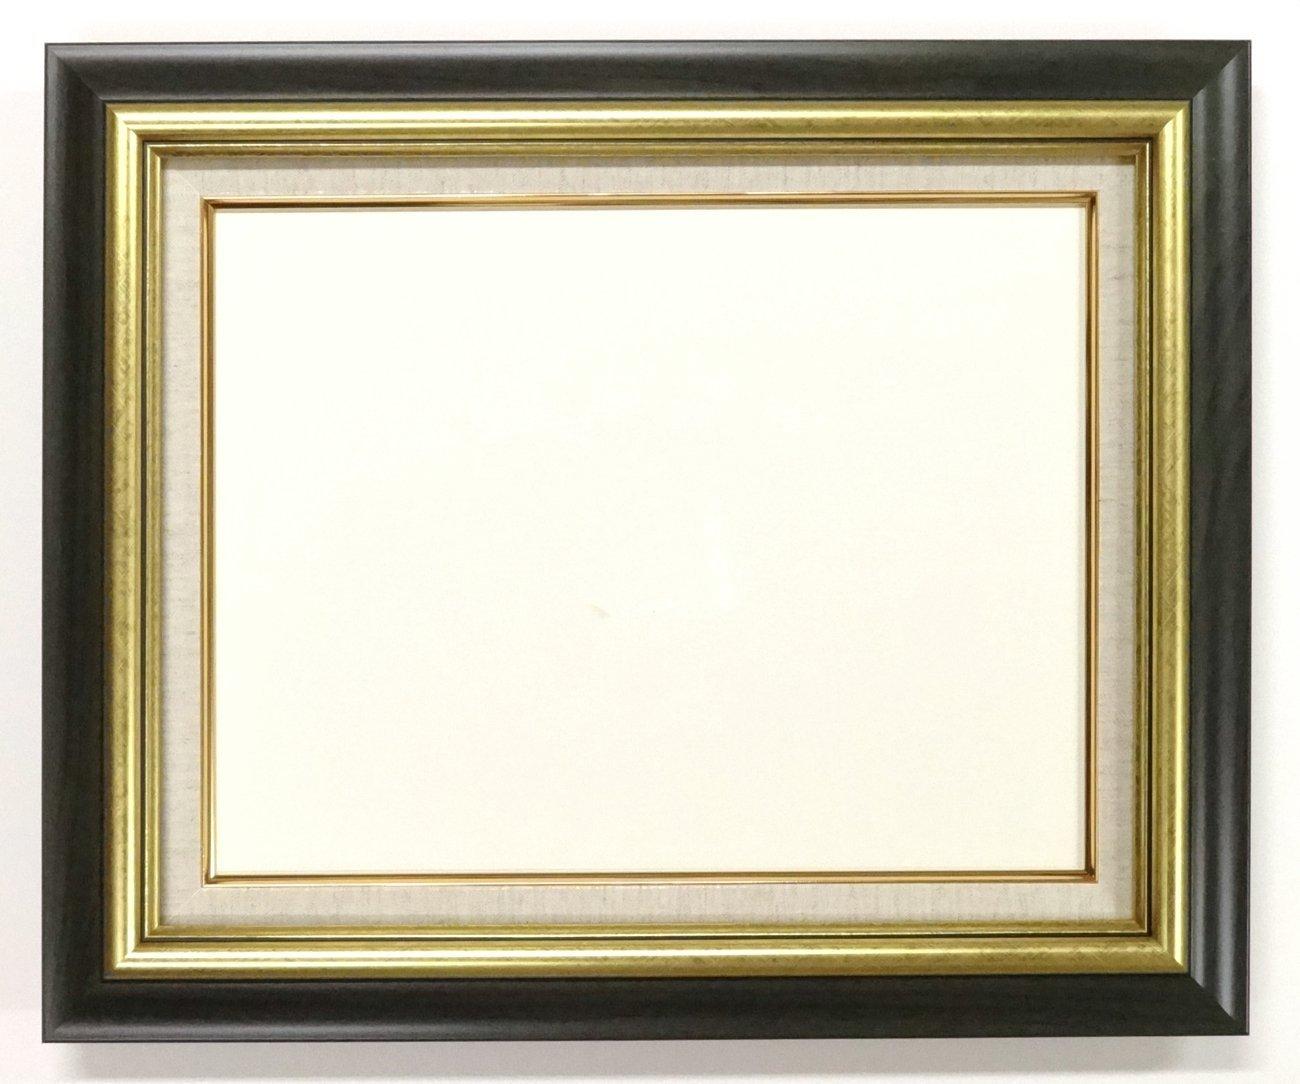 大額 油彩用額縁 8116 アクリル仕様 壁用フック付 (F10, グリーン) B01NAI1F53 F10|グリーン グリーン F10